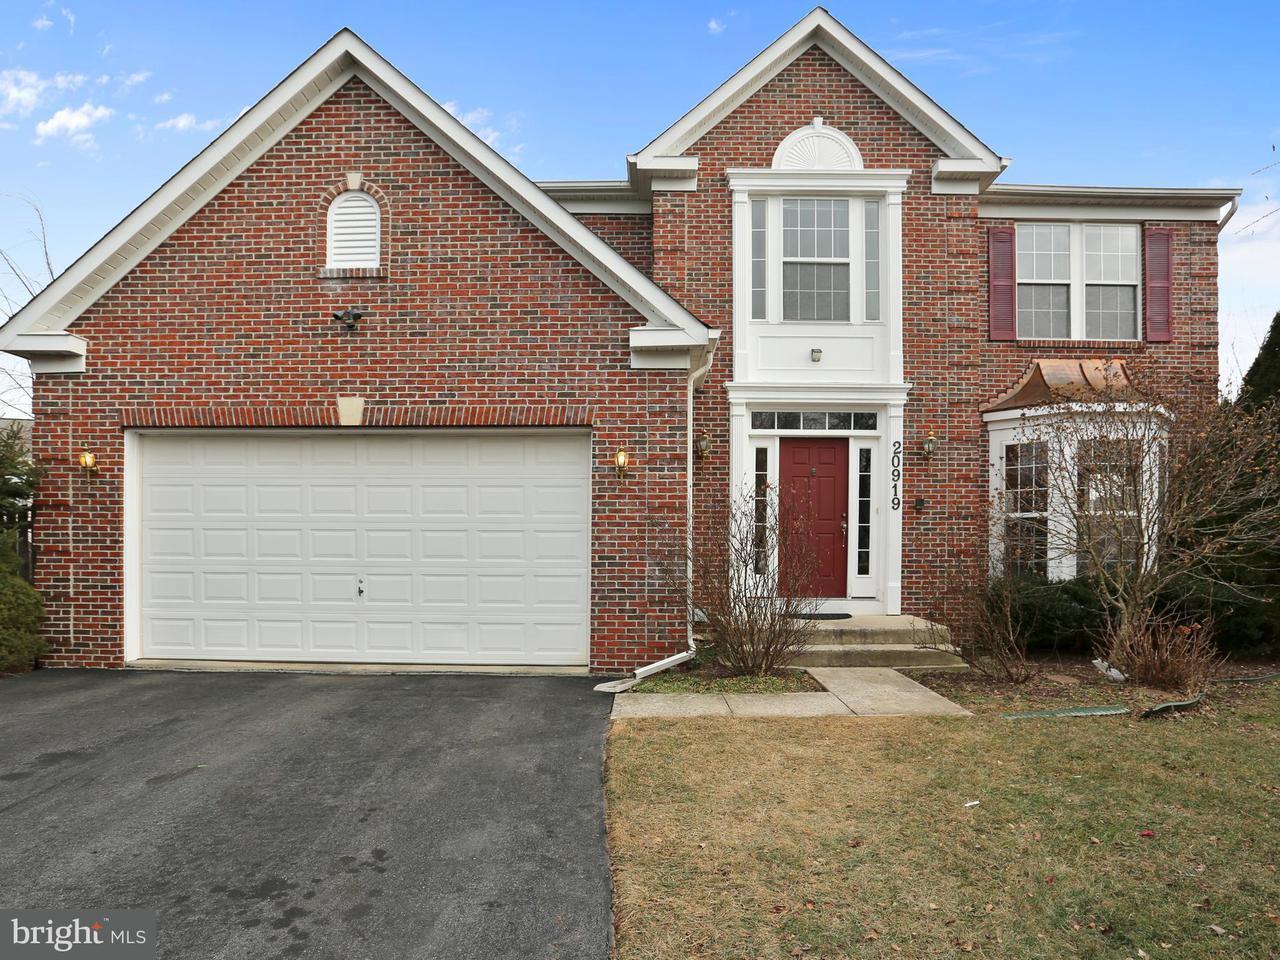 Einfamilienhaus für Verkauf beim 20919 SCARLET LEAF TER 20919 SCARLET LEAF TER Germantown, Maryland 20876 Vereinigte Staaten